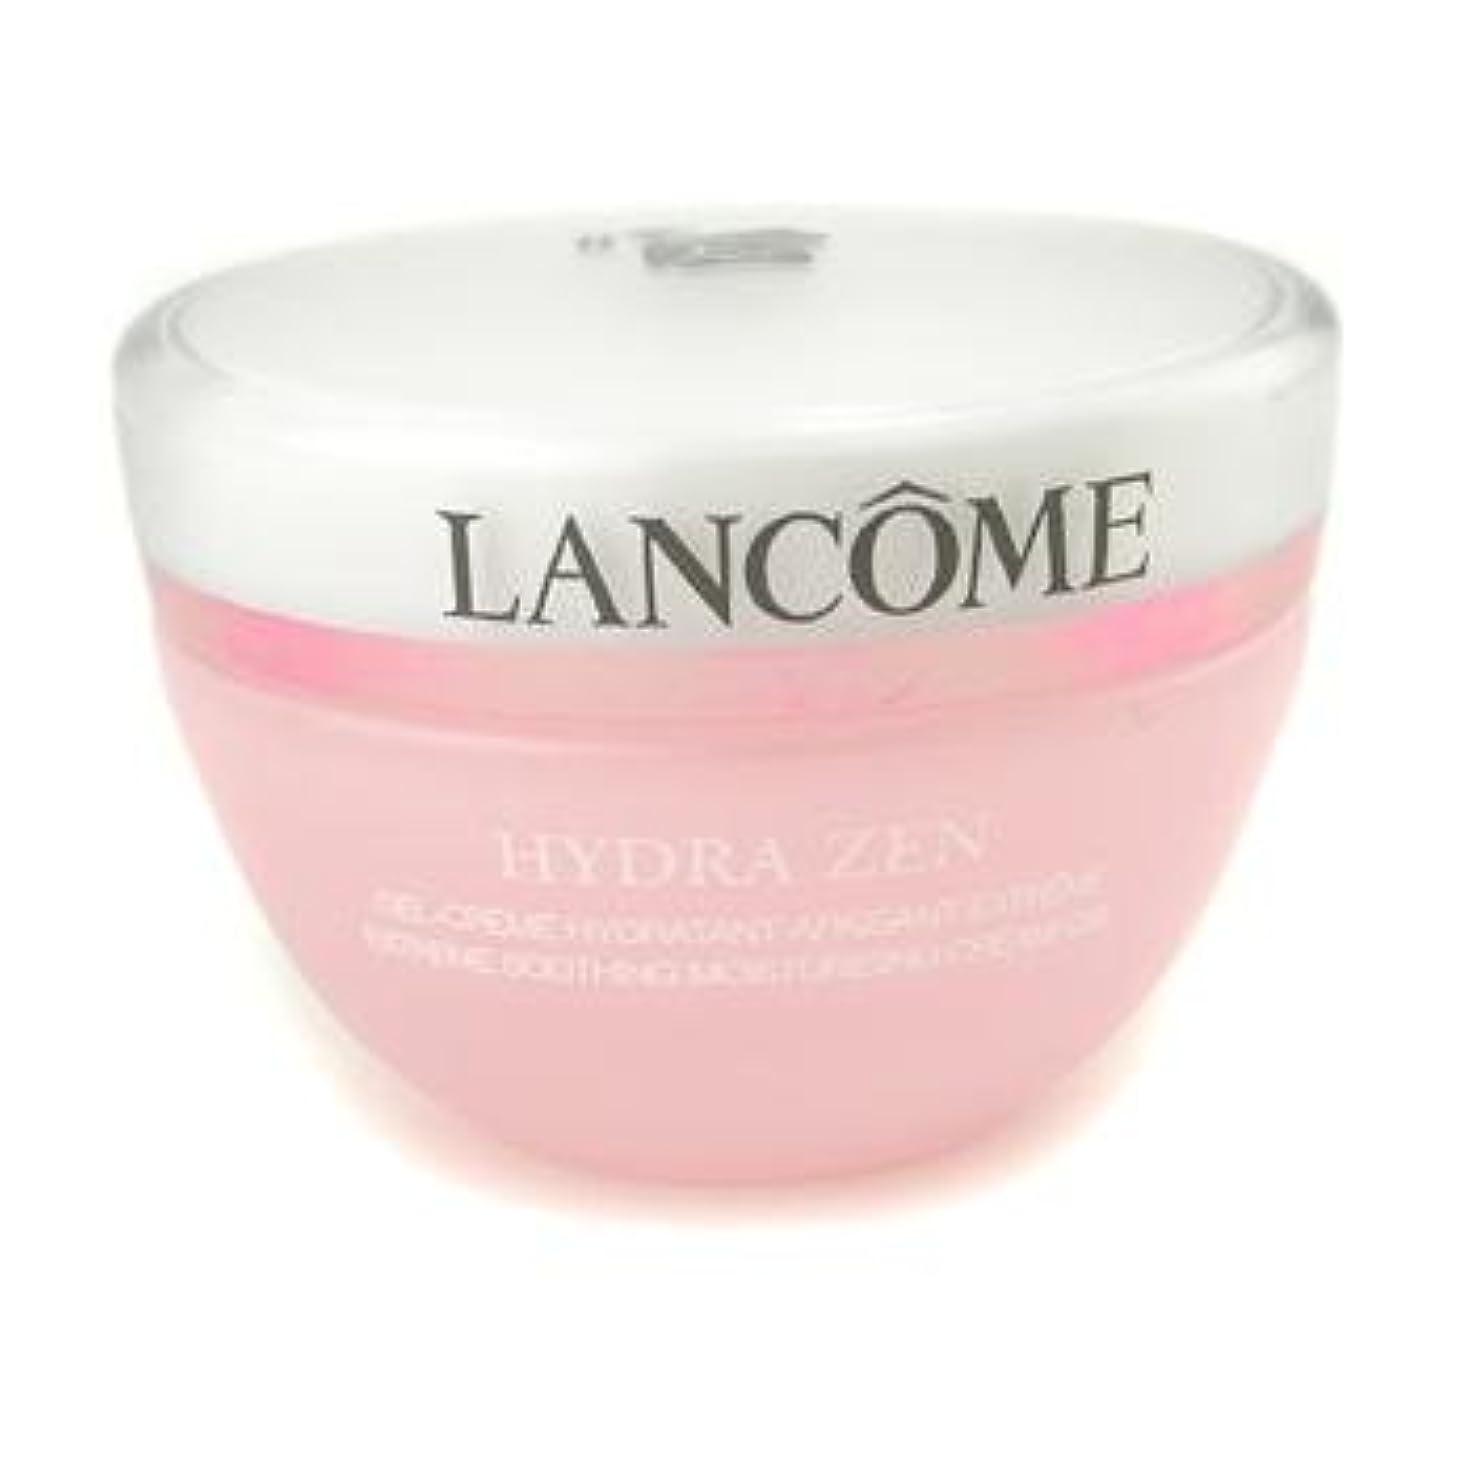 決してサリー離すランコム Hydra Zen Anti-Stress Moisturising Cream-Gel - All Skin Type 68862 ok 50ml/1.7oz並行輸入品